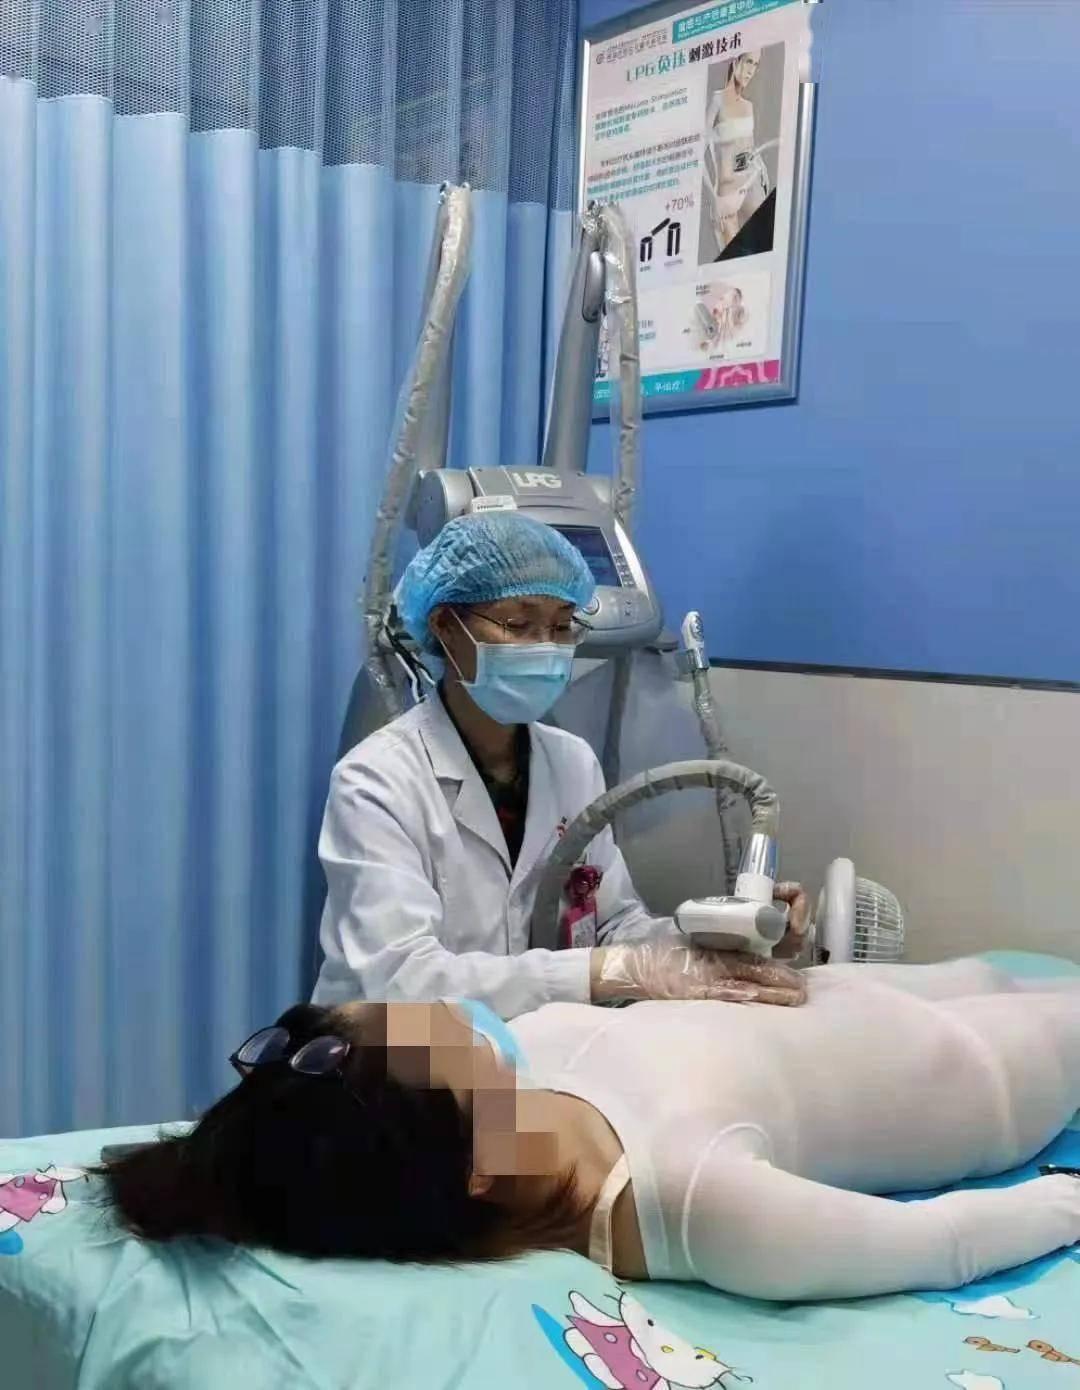 成都市妇女儿童中心医院妇女保健中心服务妇女全生命周期3gi